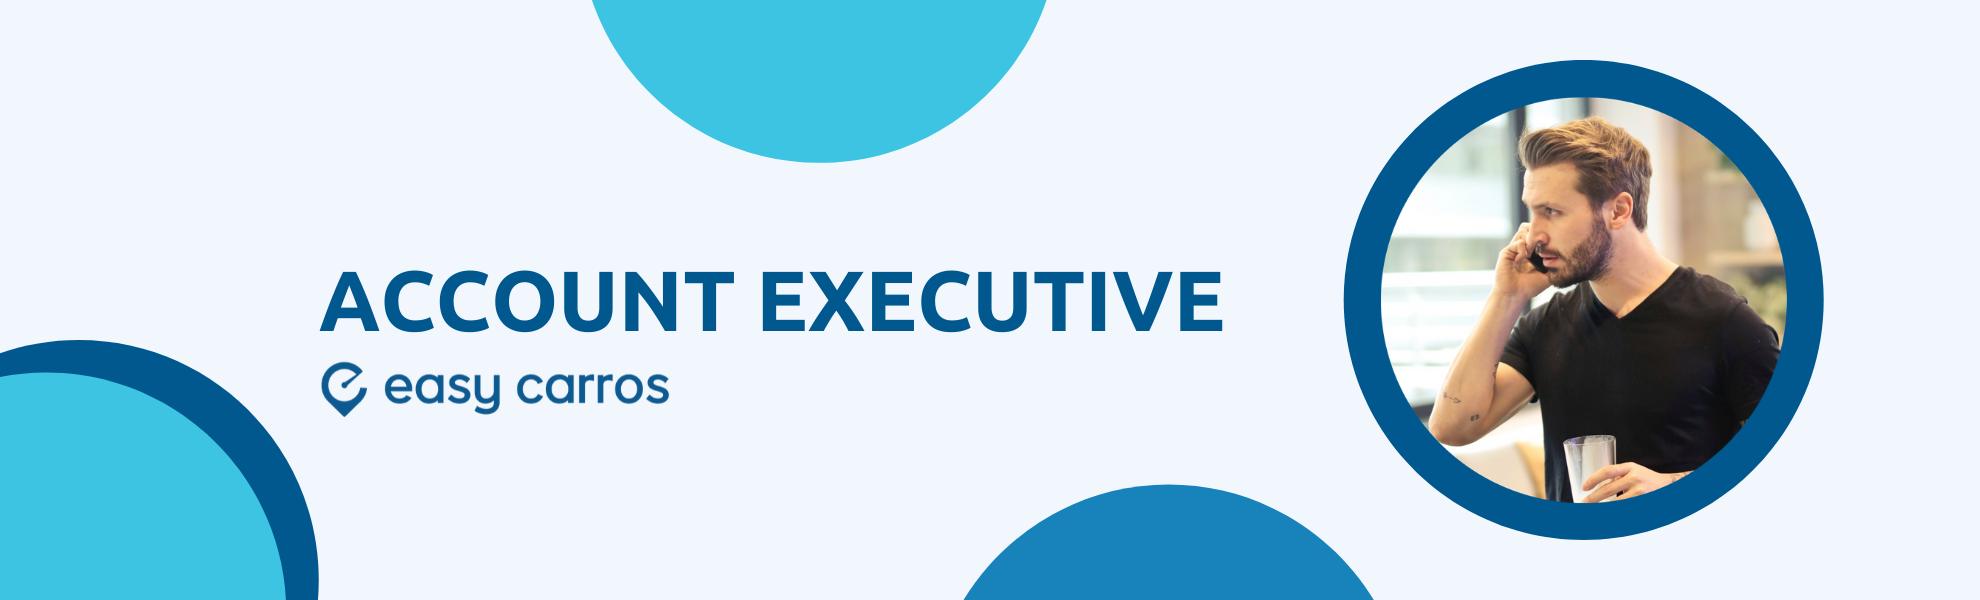 Account Executive Jr (vaga futura)